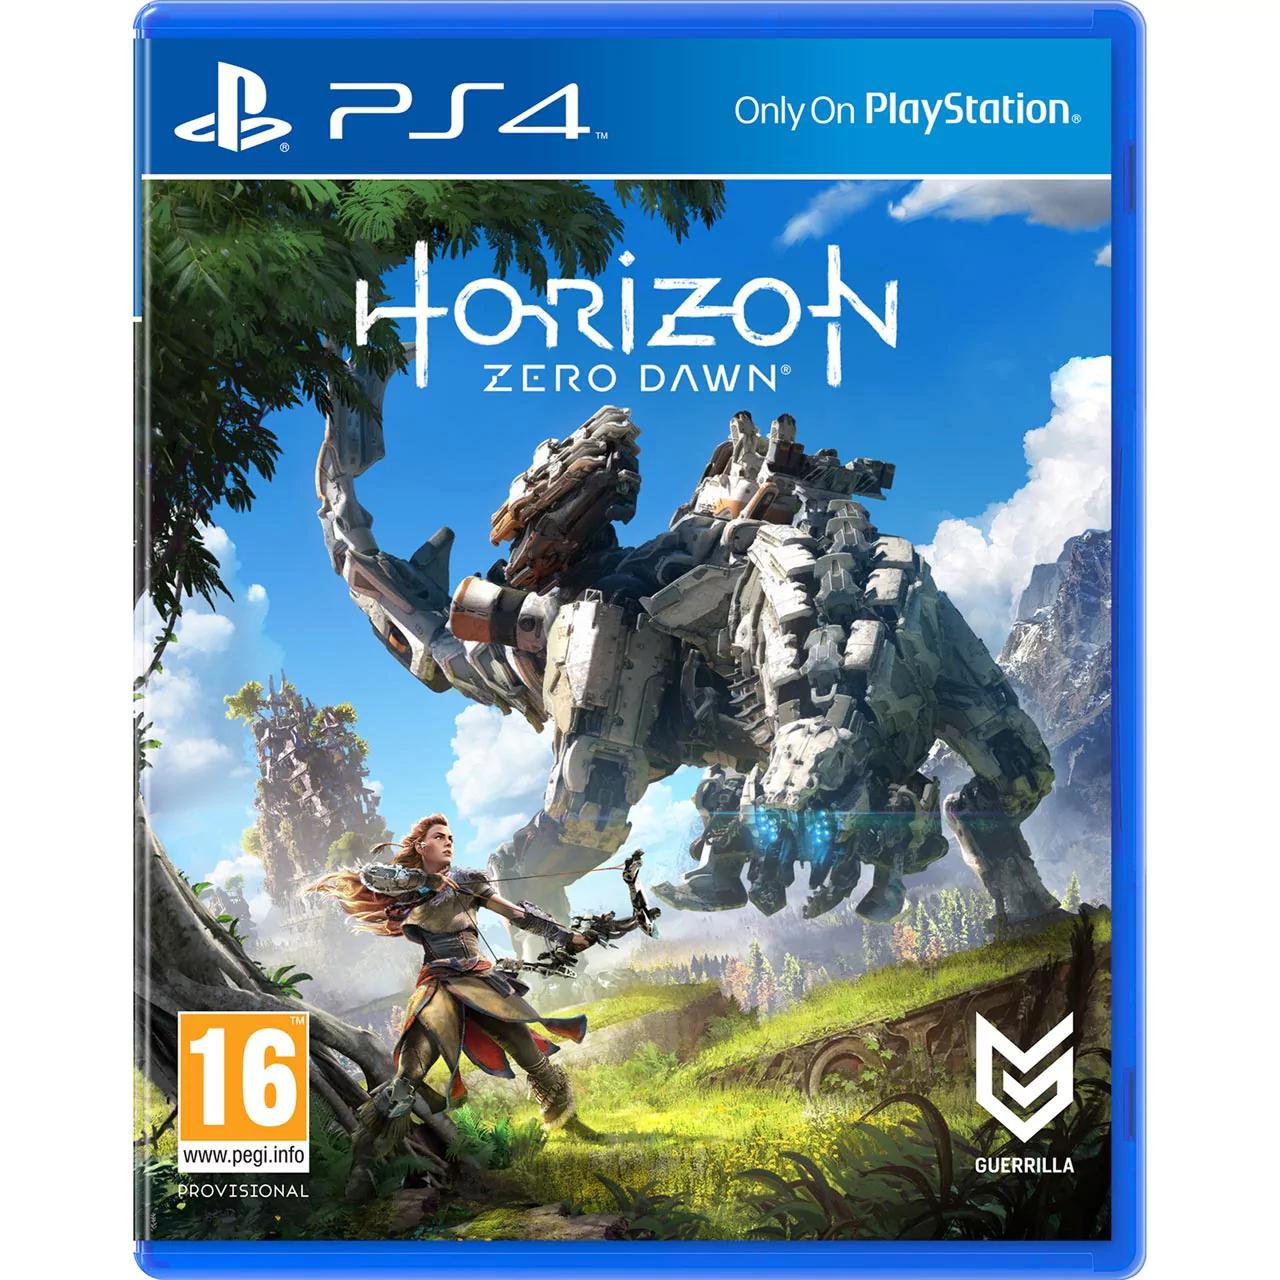 Horizon Zero dawn £23 free del @ ao.com